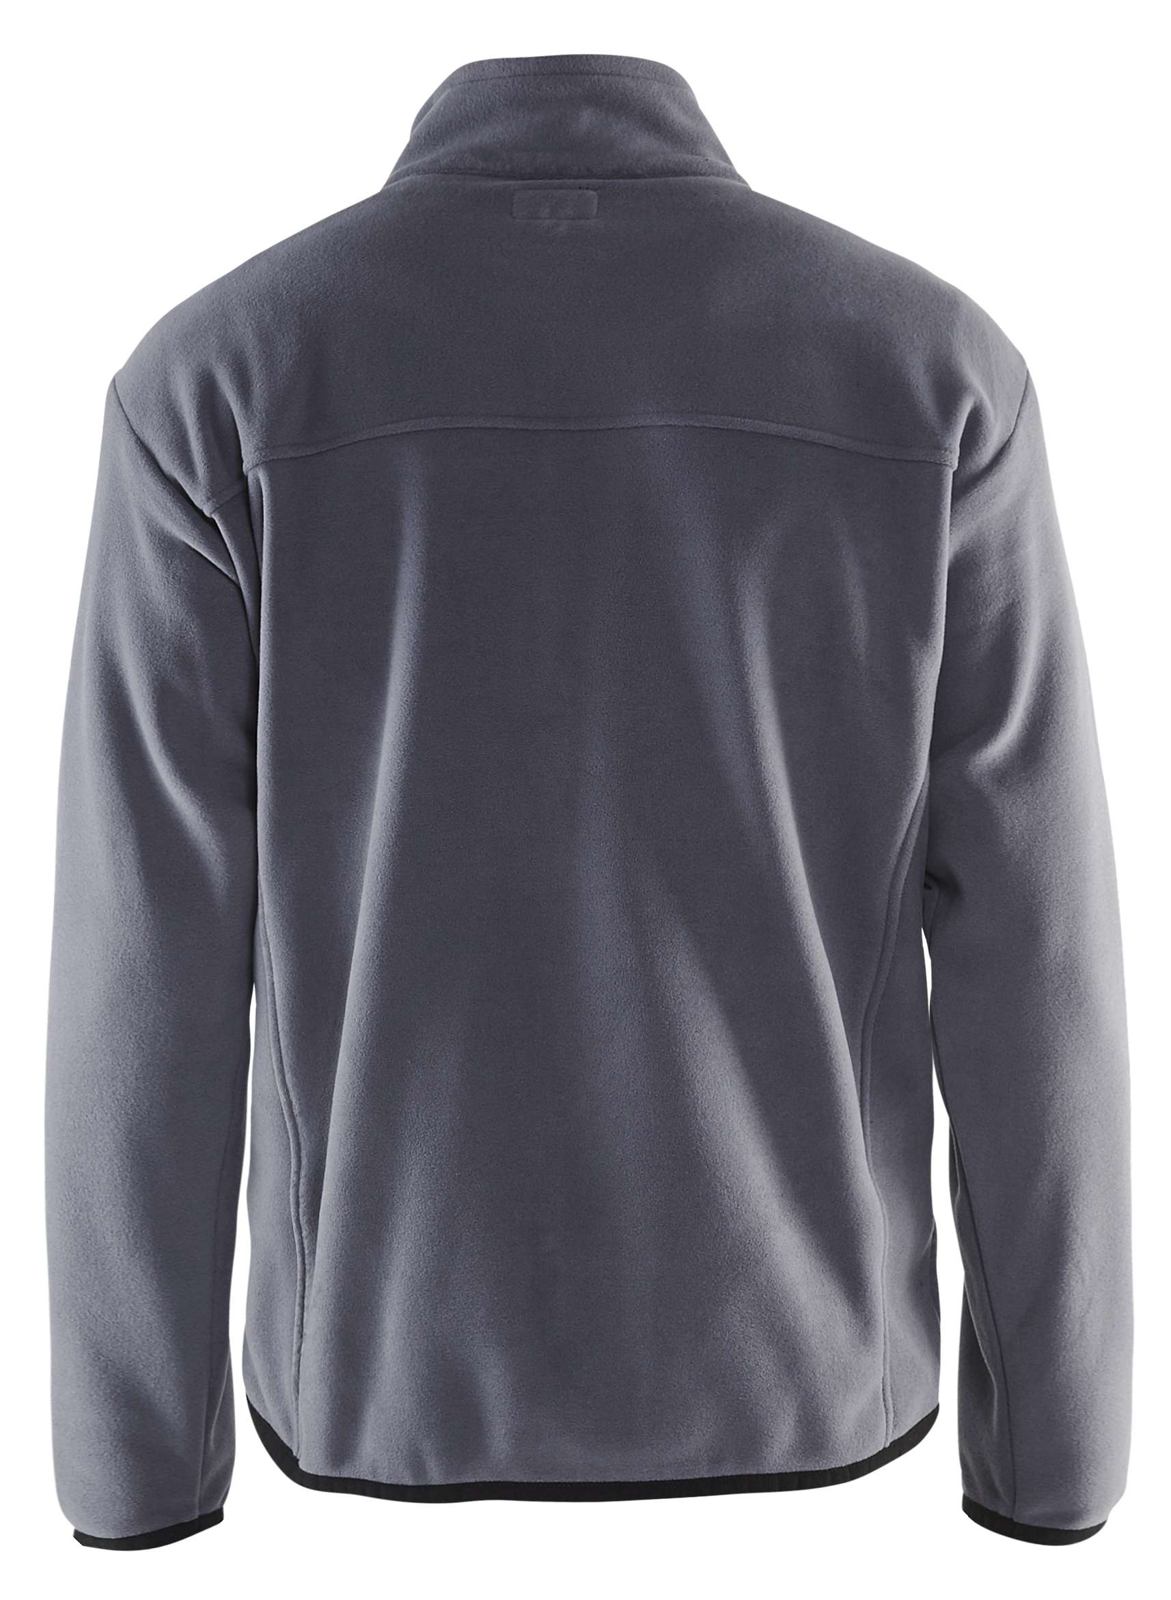 Blaklader Fleece vesten 48302510 grijs(9400)